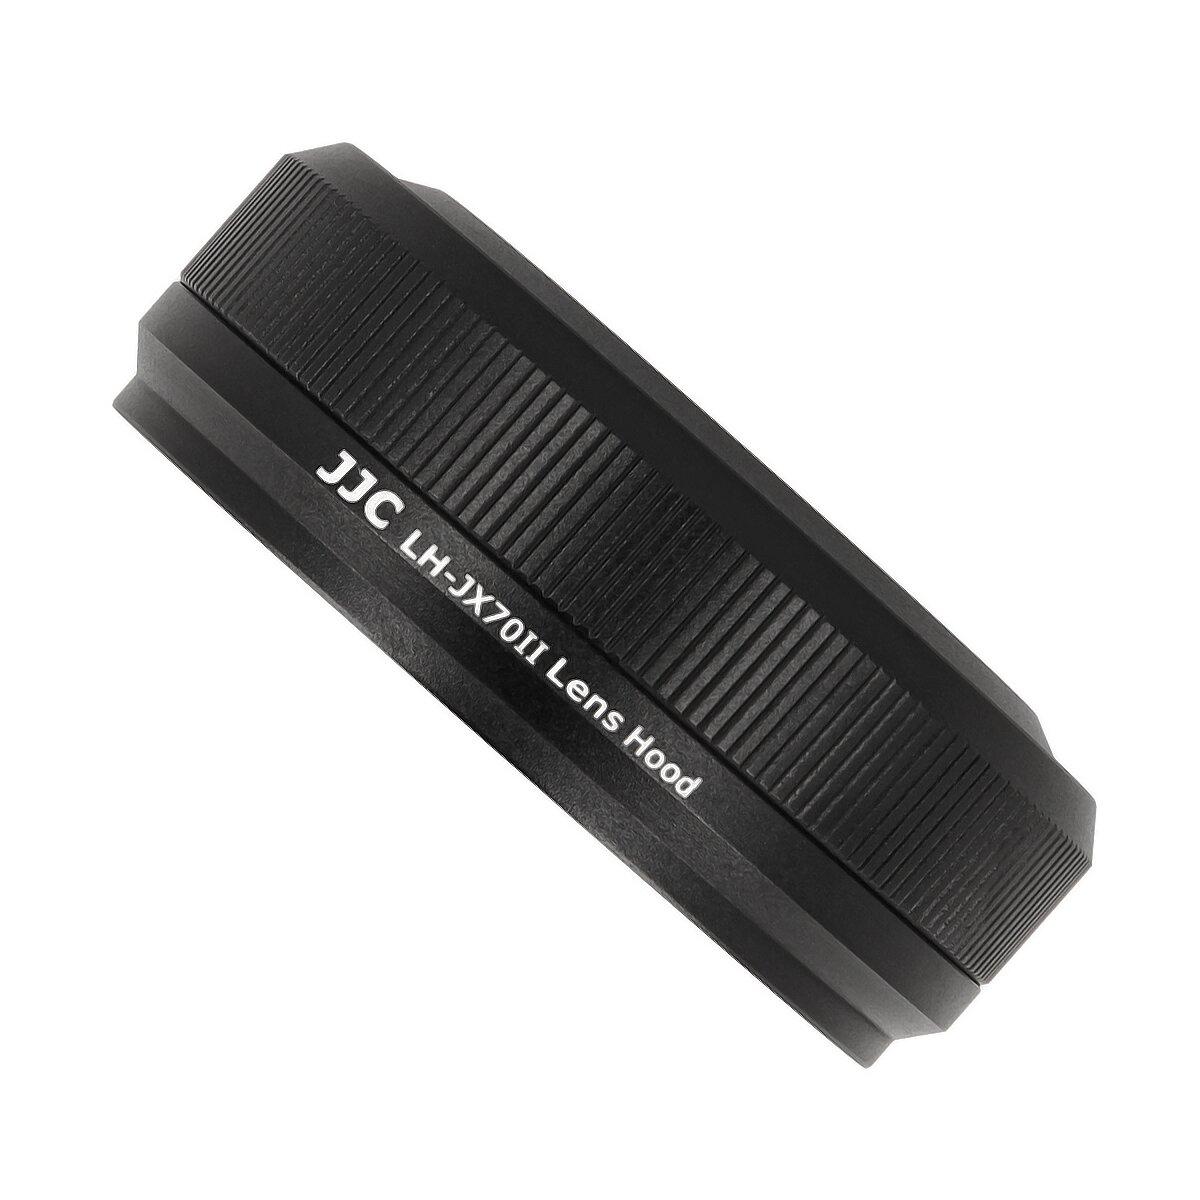 JJC Sonnenblende Gegenlichtblende in schwarz geeignet für Fujifilm X70